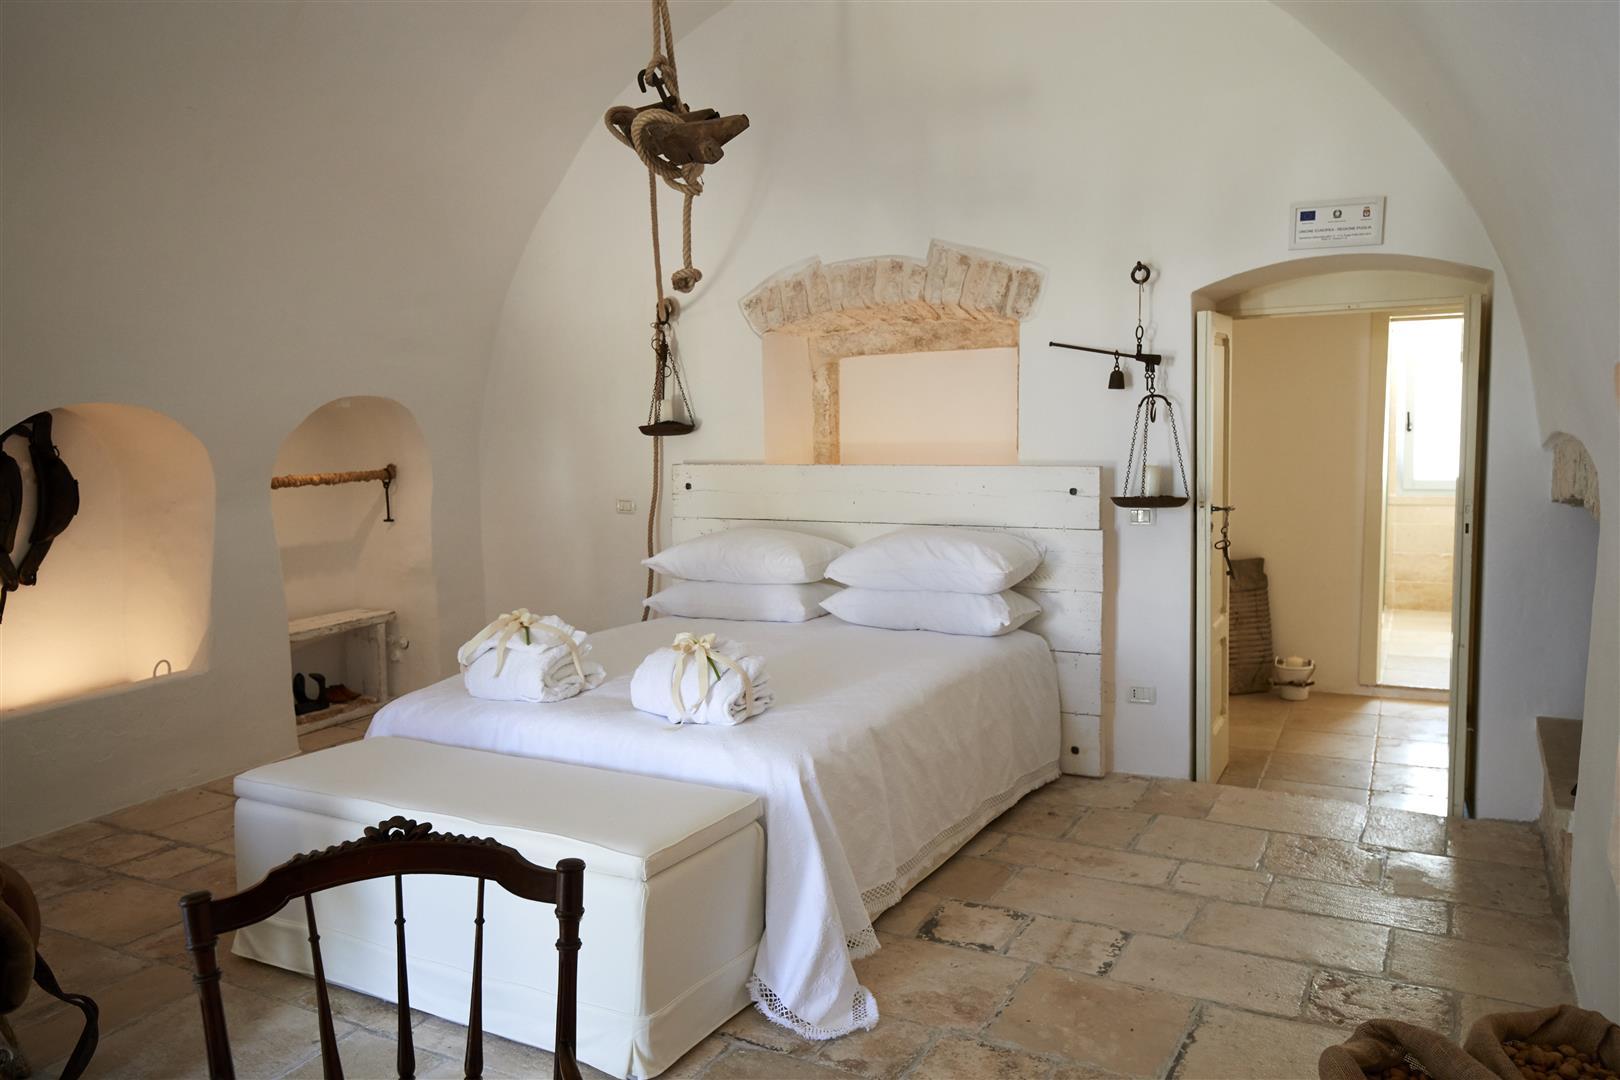 Luxury 2 bedroom apartment in Puglia